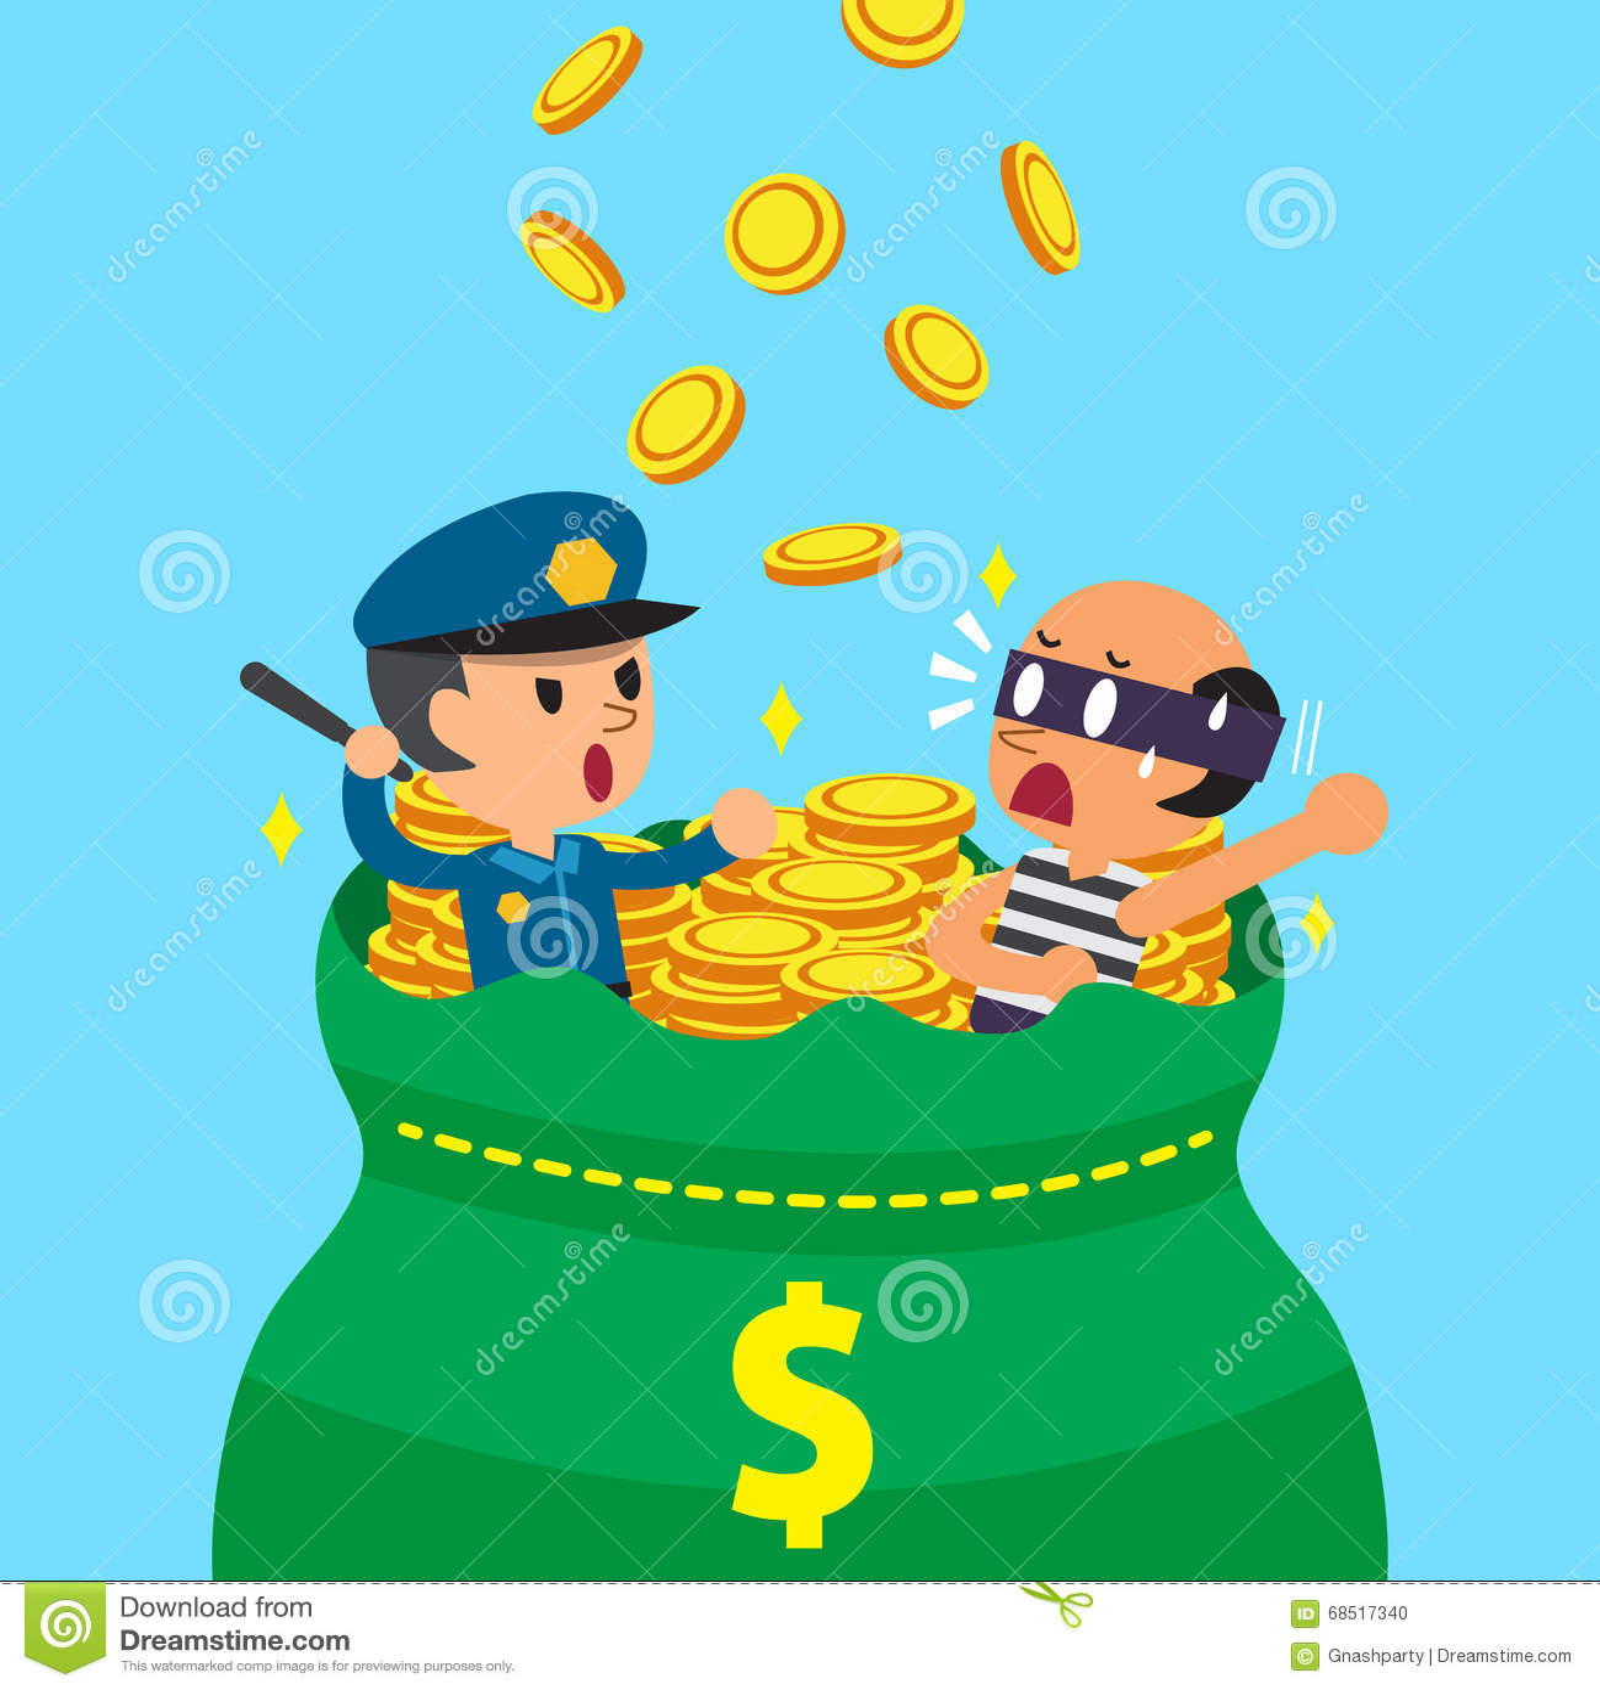 Kreskówka złodziej z dużym pieniądze i policjant zdojesteśmy